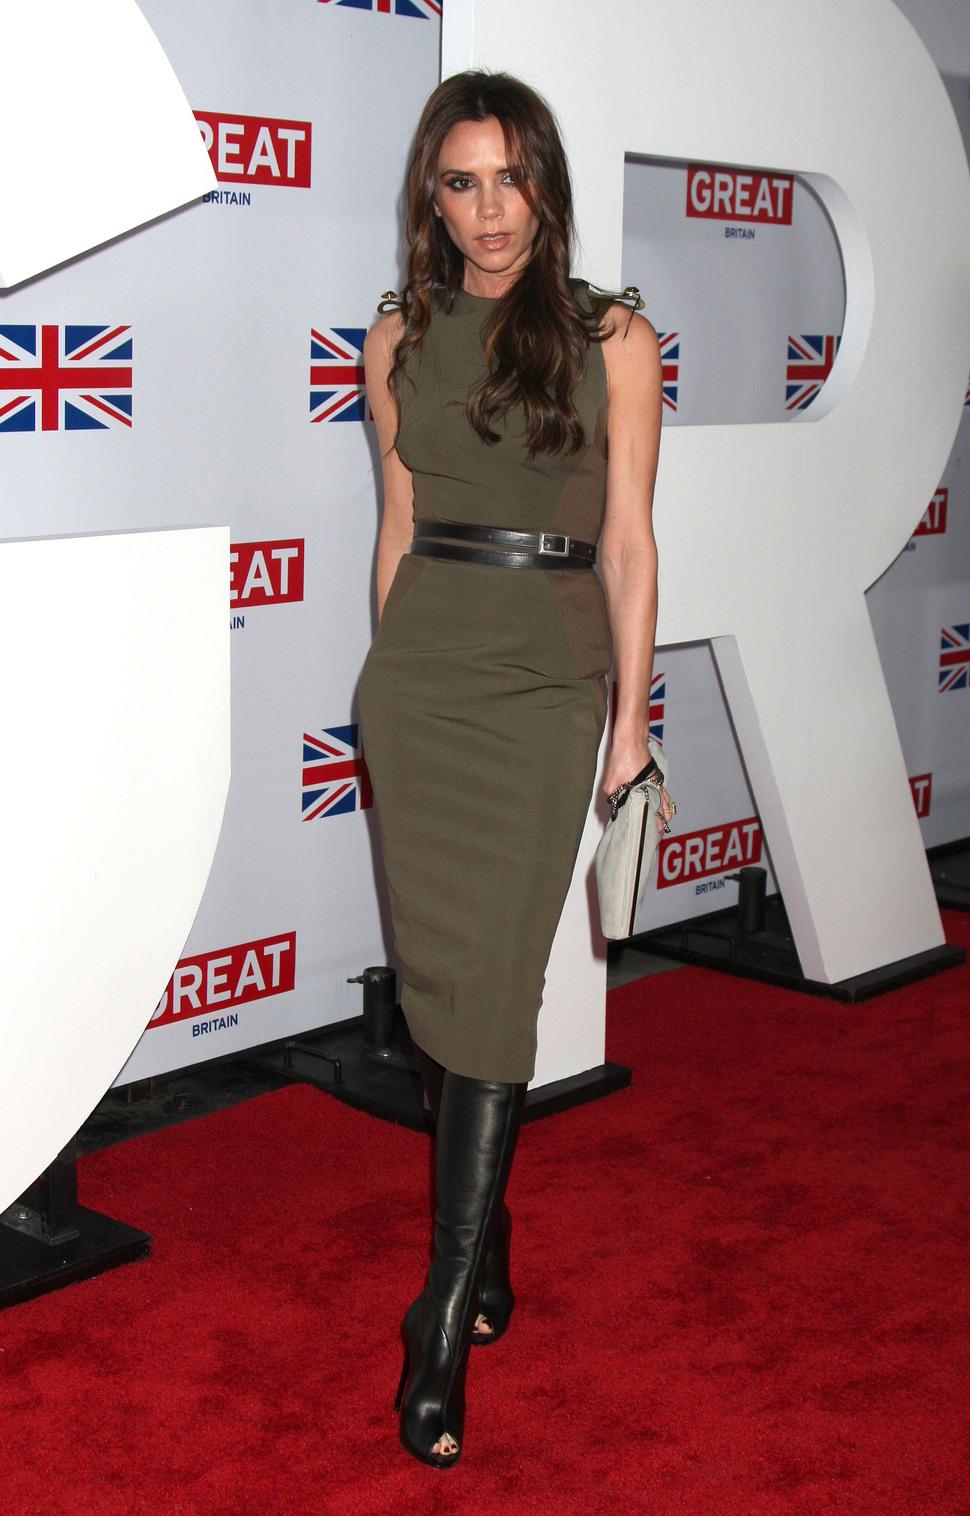 Звезды на вечеринке GREAT British Film Reception